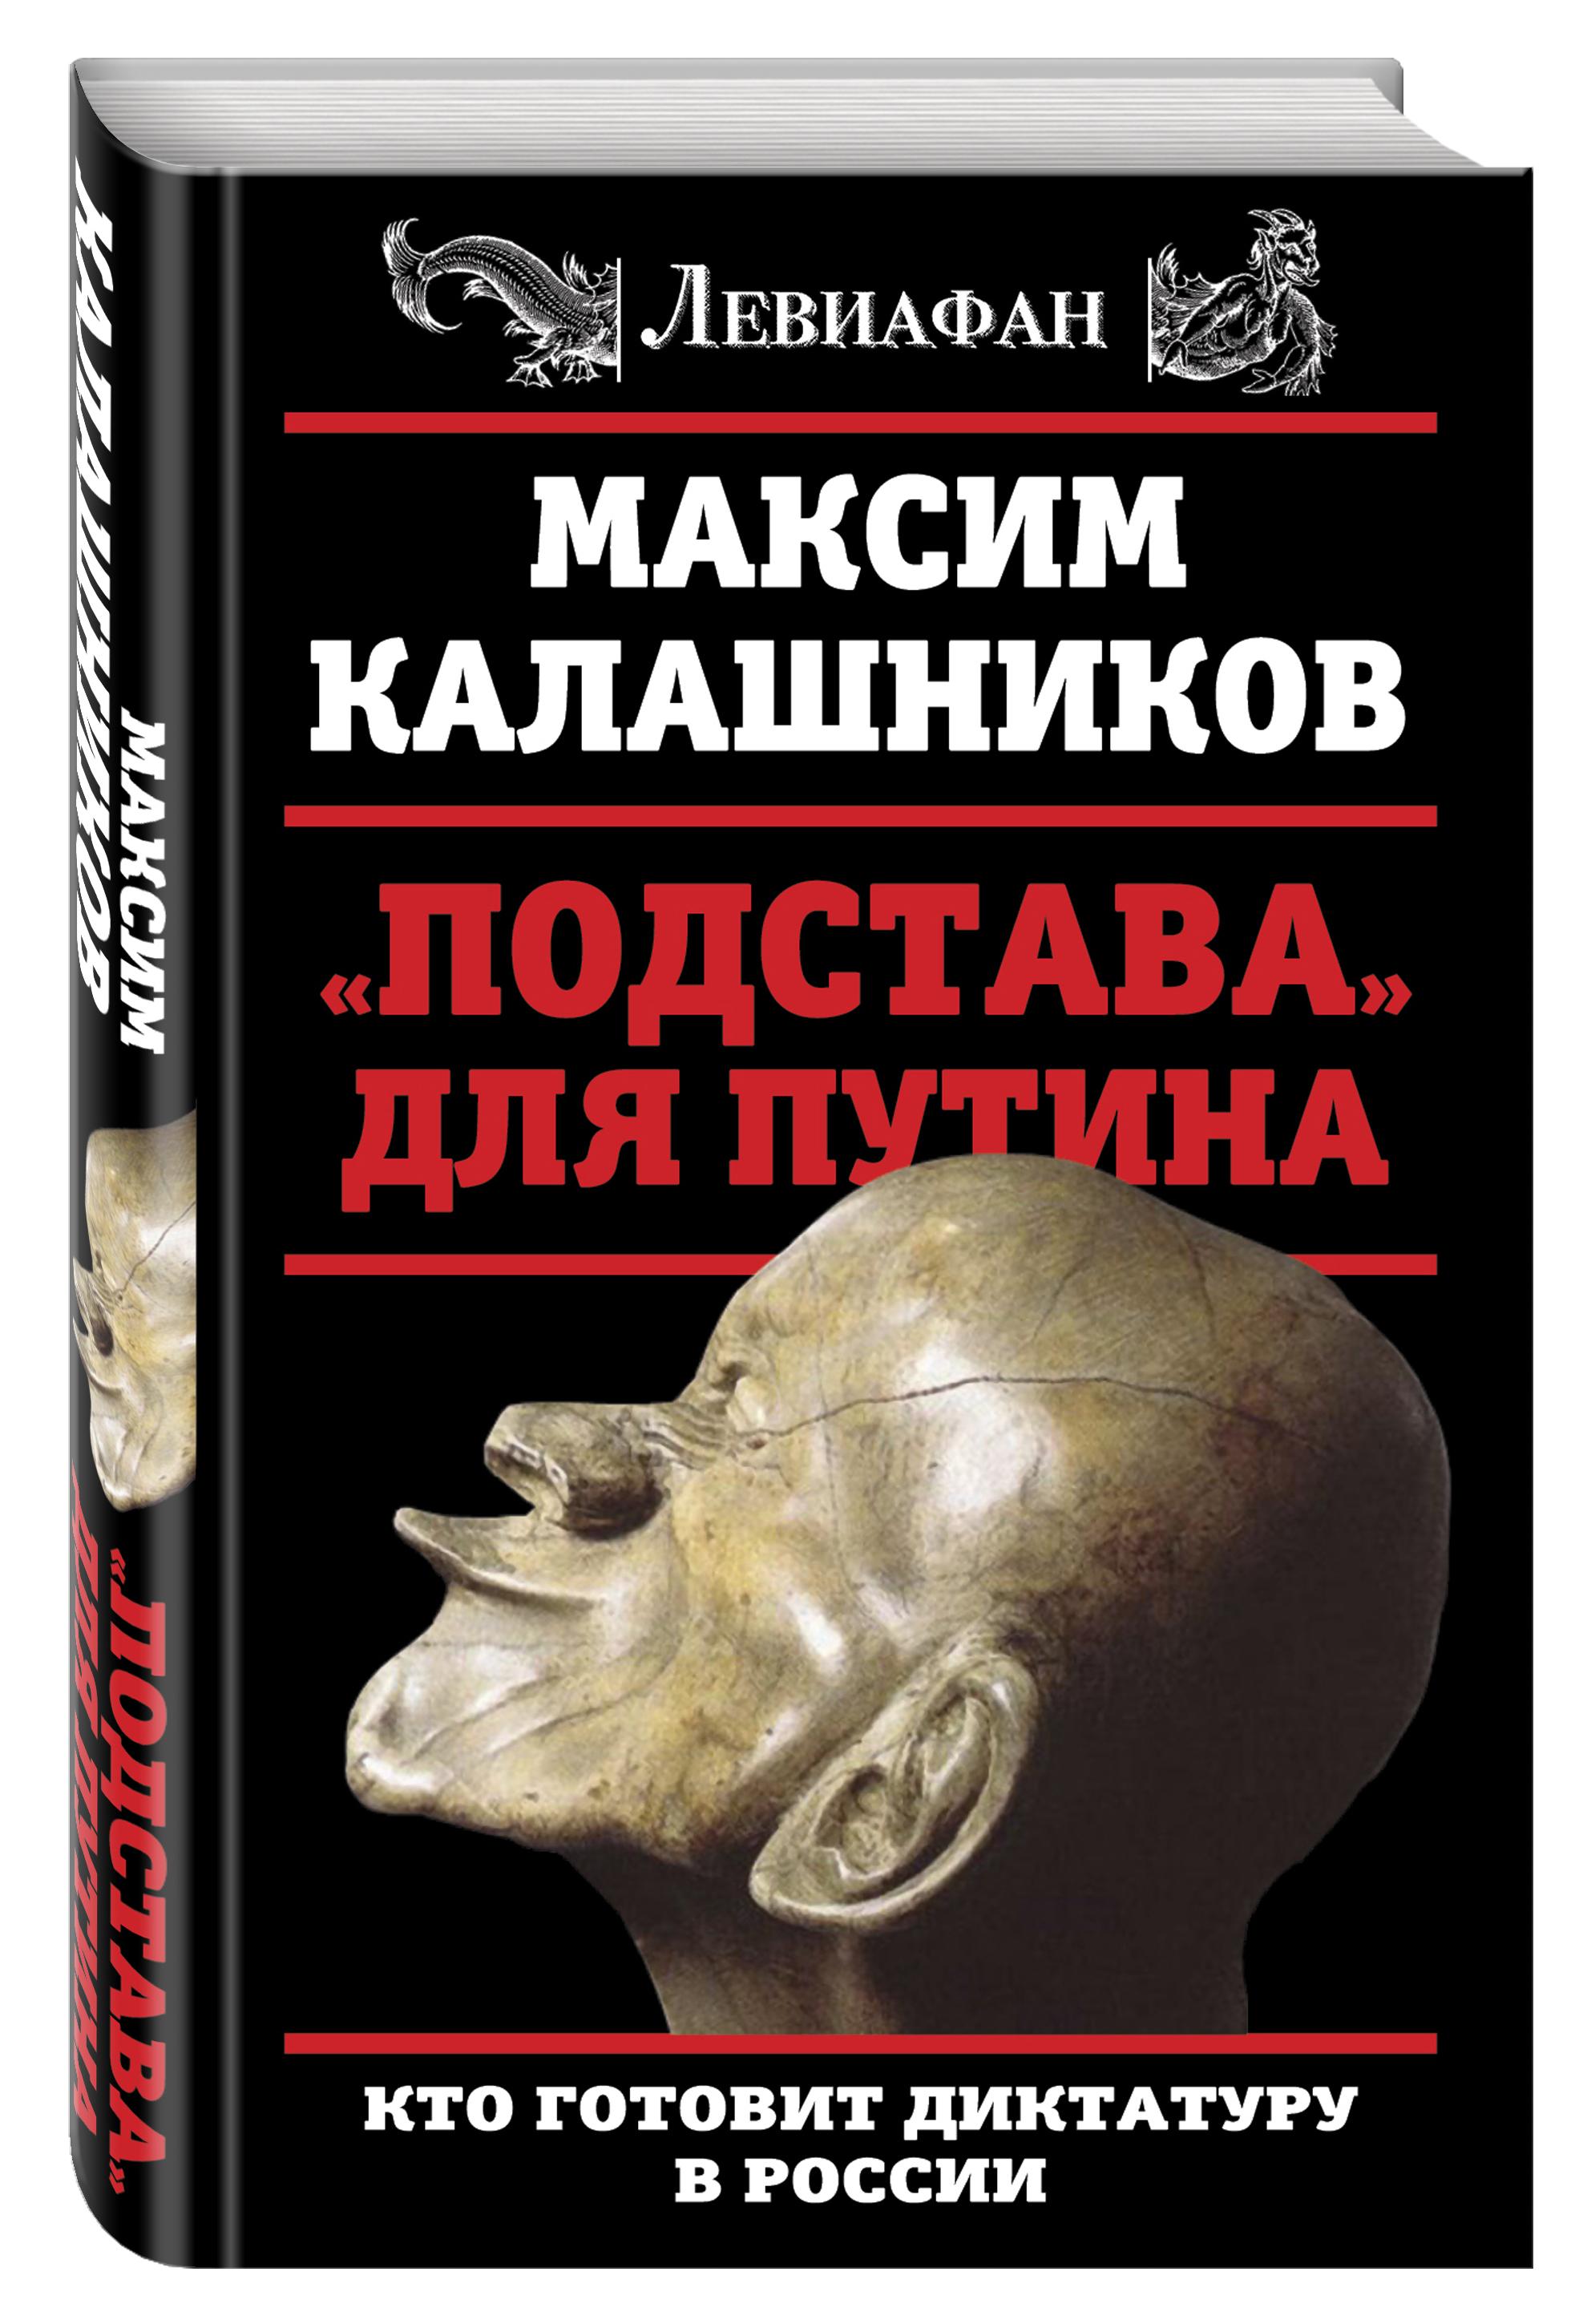 Калашников М. «Подстава» для Путина. Кто готовит диктатуру в России